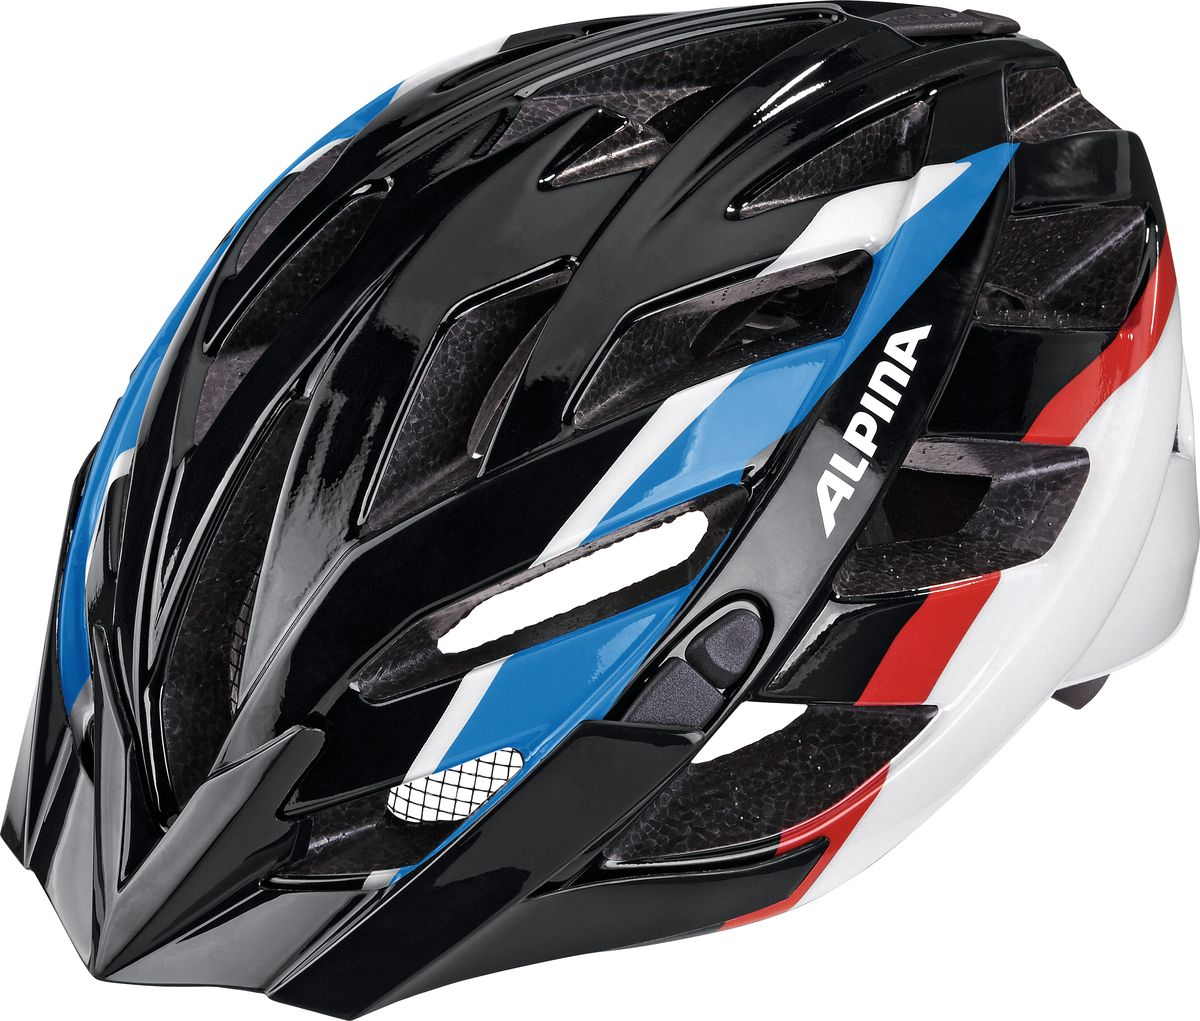 Шлем летний Alpina Panoma, цвет: черный, синий, красный. Размер 56-59SСJ-2201Шлем летний Alpina Panoma - это классический универсальный велосипедный шлем с превосходной посадкой. Panoma - верный компаньон в ежедневных поездках до работы и выездов по выходным. 23 вентиляционных отверстия.Безопасность:Оболочка Inmold Производственный процесс заключается в нагревании до высокой температуры внешней поликарбонатной оболочки и запекании ее на EPS-тело шлема под высоким давлением. Этот процесс создает неразрывную связь по всей поверхности между внутренней и внешней оболочками, благодаря этому шлем получается не только очень легким, но и чрезвычайно стабильным.Hi-EPS Внутренняя оболочка выполнена из Hi-EPS (вспененный полистирол). Этот материал состоит из множества микроскопических воздушных камер, которые эффективно поглощают силу удара. Hi-EPS обеспечивает оптимальную защиту в сочетании с экстратонкими стенками.Ceramic Материал объединяет несколько преимуществ: устойчив к ударам и царапинам, содержит ультрафиолетовые стабилизаторы и антистатичен.Эргономика: Run System Classic Если вы используете свой велосипед для того, чтобы съездить по магазинам, вам не нужна сложная система регулировки. Система подгонки Run System Classic отвечает этим требованиям красивым, простым и надежным колесом регулировки. Система Run System Classic проста в использовании и держит шлем надежно, там где он должен быть - на голове.Y-Clip Шлем может обеспечить правильную защиту, только если он остается на месте в случае удара. Крепление, которое соединяет две полоски под ухом имеет решающее значение в этом случае. Система Y-Clip Alpina гарантирует идеальную подгонку до последнего миллиметра за считанные секунды.Ergomatic Проверенная бесчисленное количество раз, эта пряжка используется во всех шлемах Alpina. Из особенностей: красная кнопка приводящая в действие механизм автоматической многоступенчатой регулировки. Пряжку можно расстегнуть или застегнуть одной рукой, так, например, вы можете ослабить